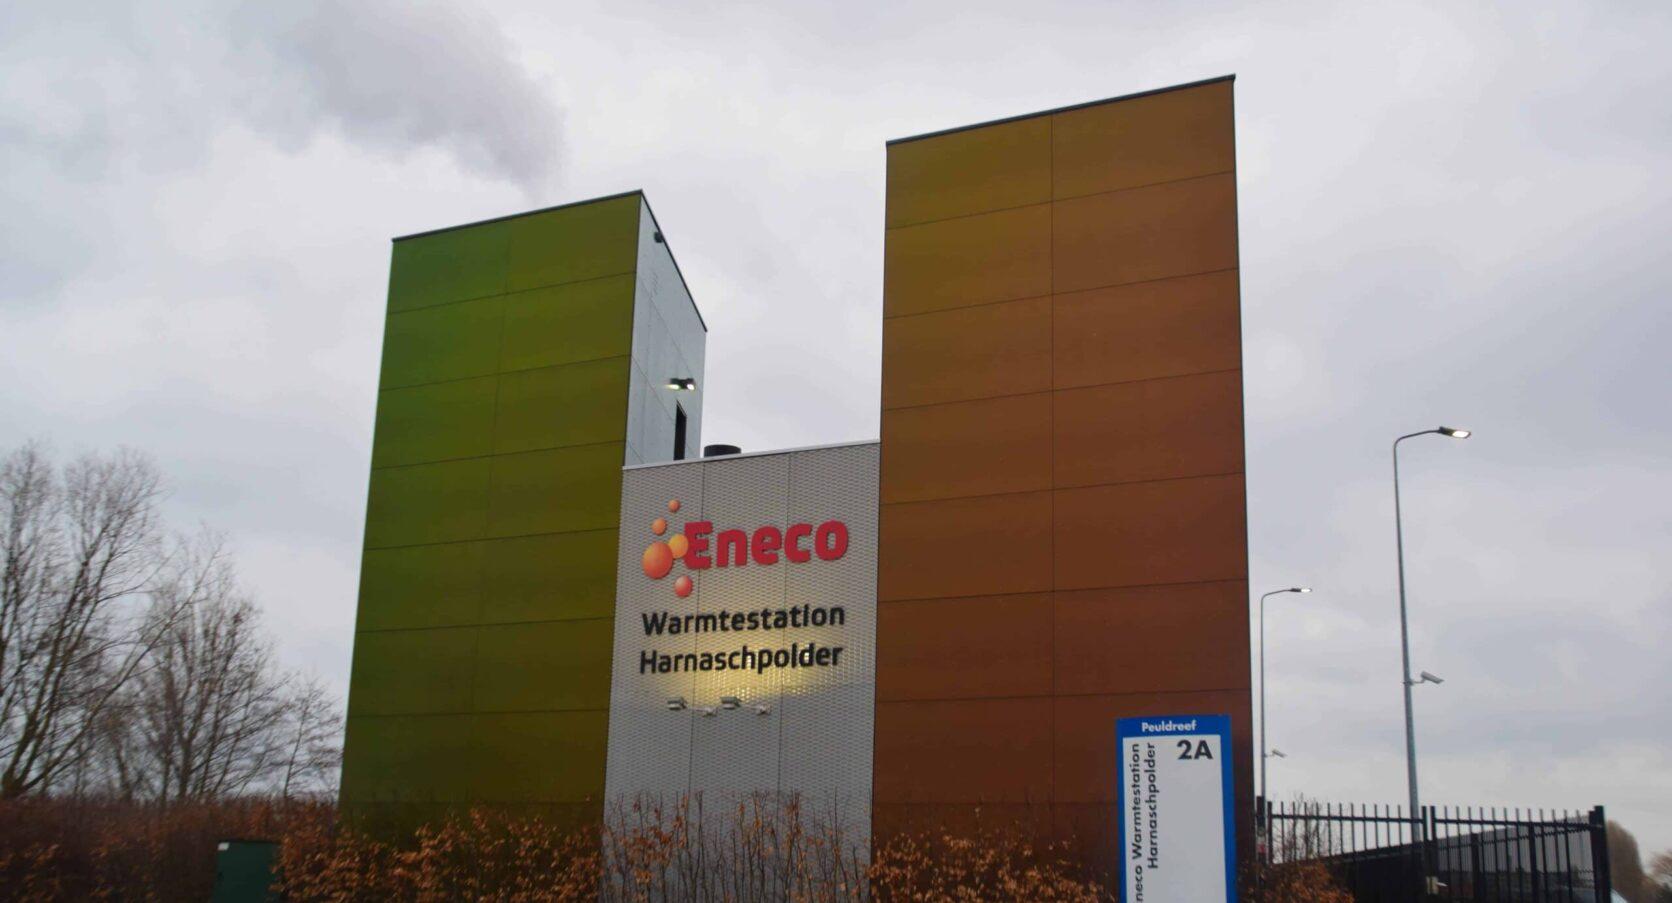 Voorkant van de MD Strekmetaal gevelbekleding bij Warmtestation Harnaschpolder in Delft